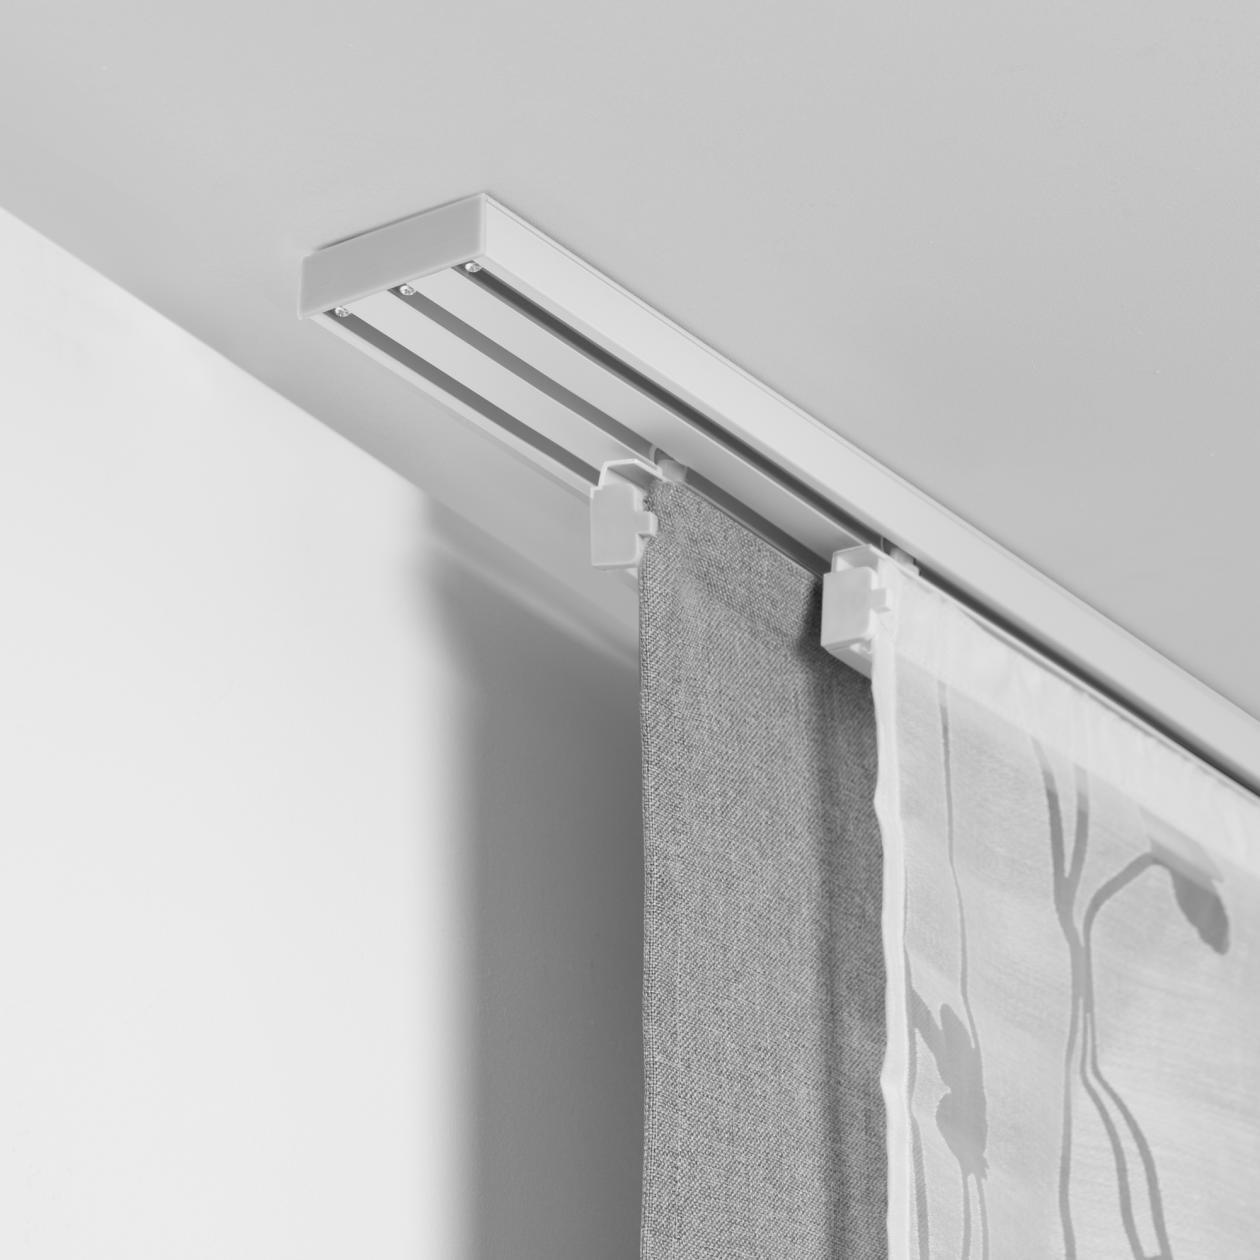 vorhangschiene f r fl chenvorhang 3 l ufig 160 cm lichblick shop. Black Bedroom Furniture Sets. Home Design Ideas